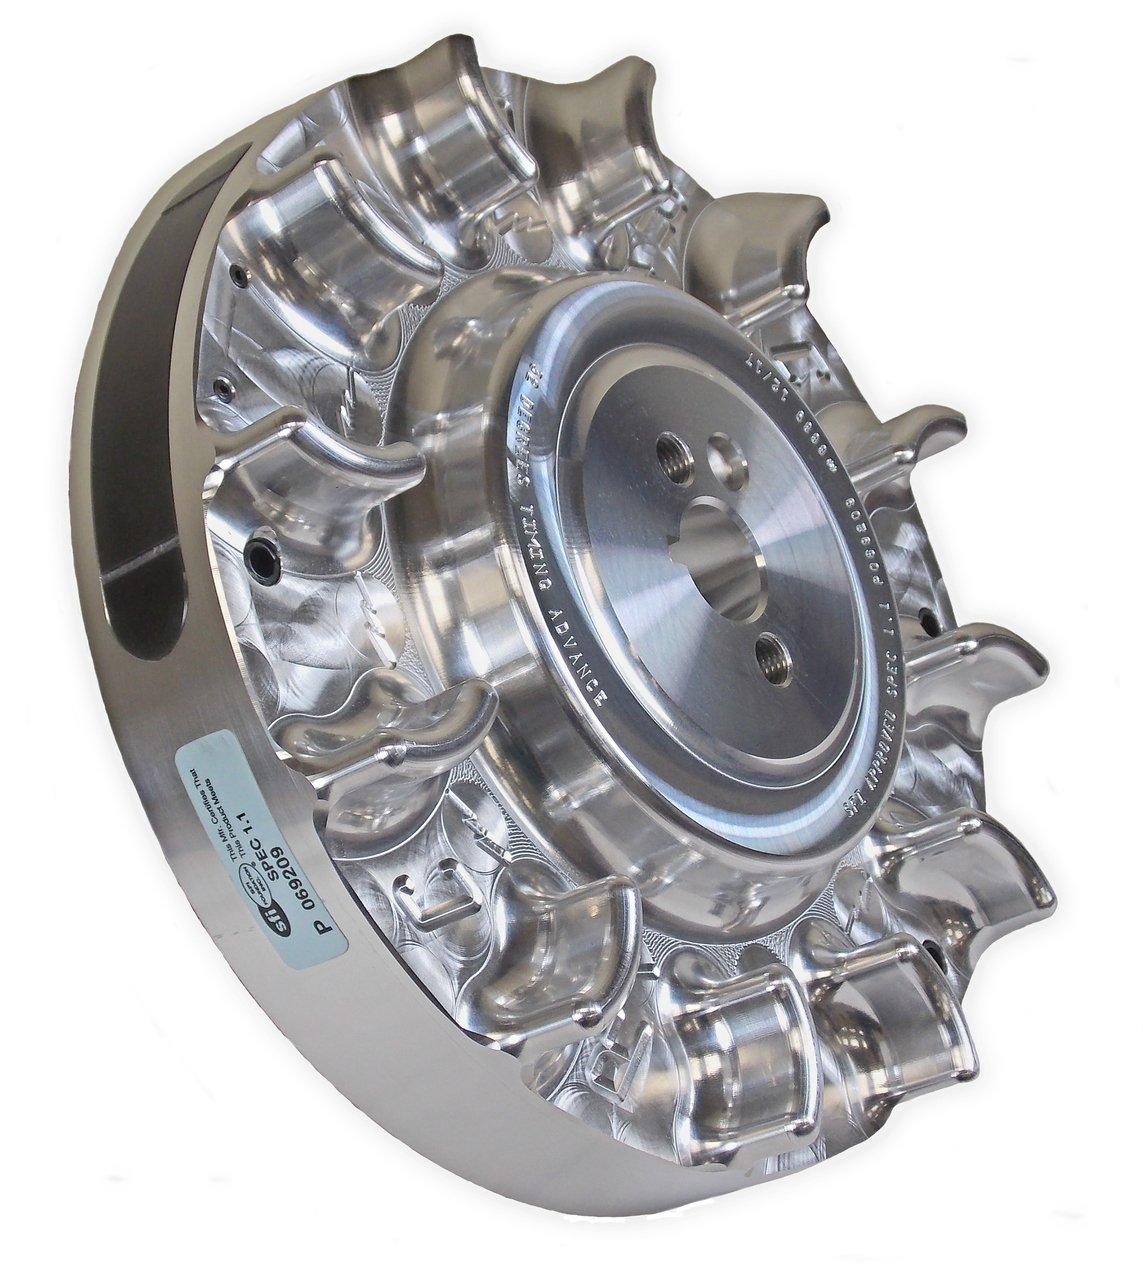 Replacement Parts ARC Speedway Billet Flywheel Predator 212cc Non ...